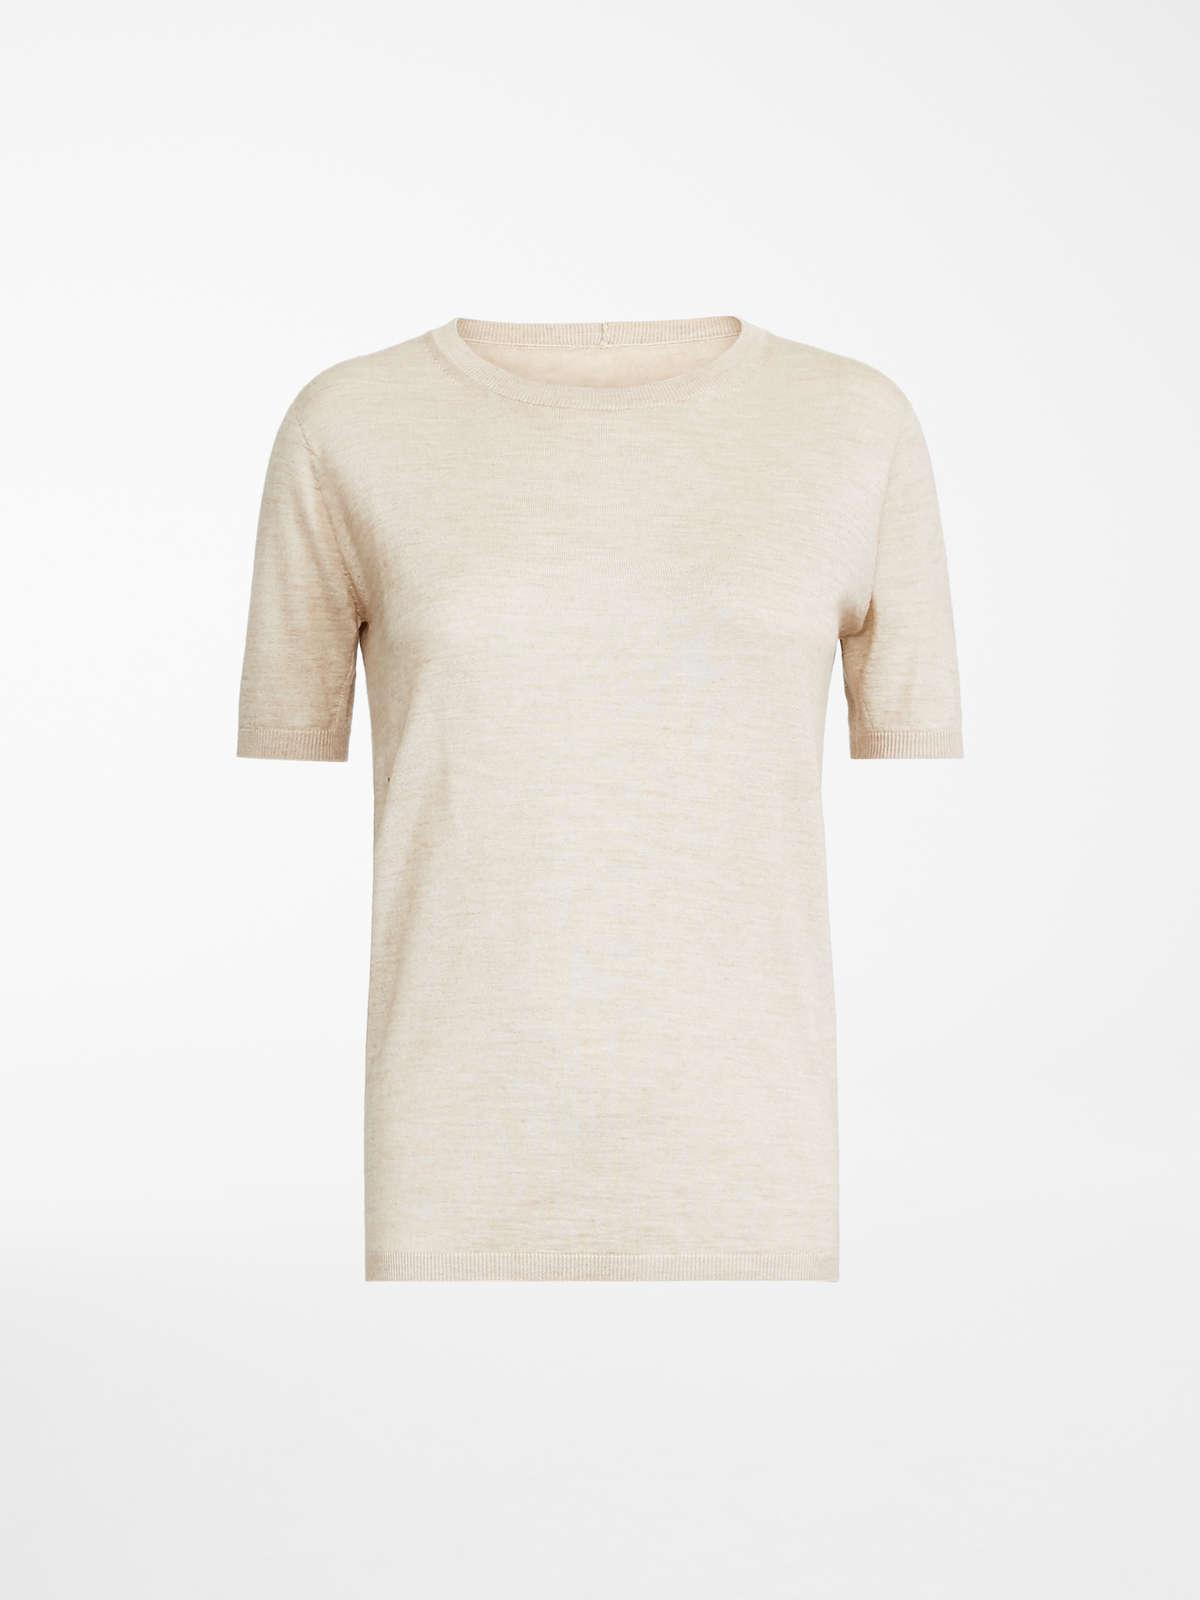 Max Mara - Camiseta en pelo de camello y seda - 10